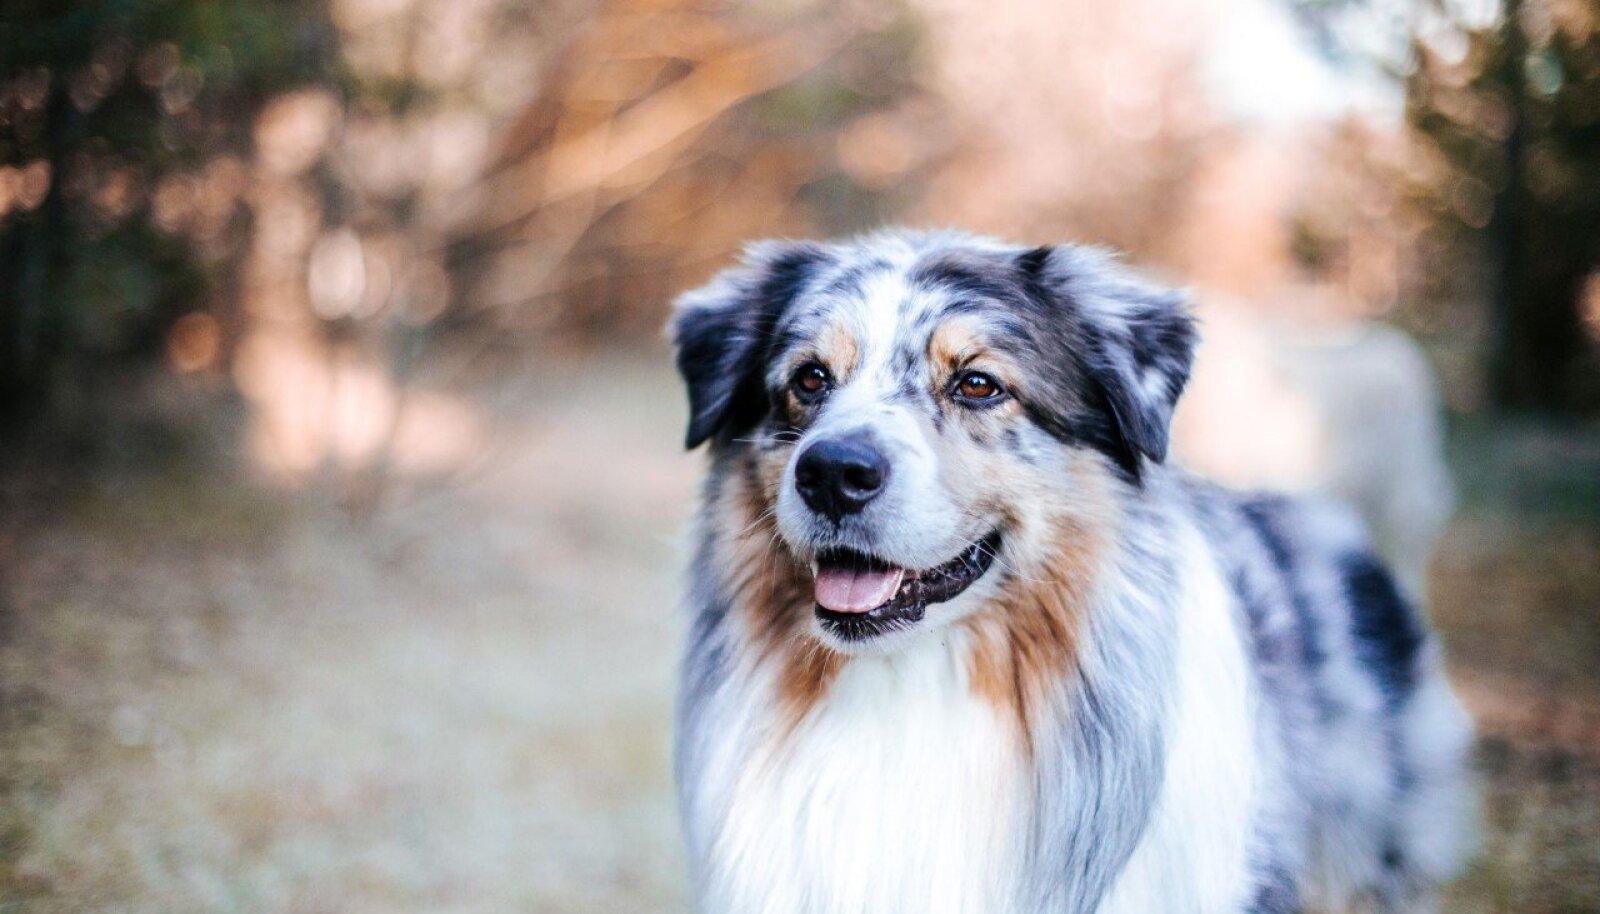 Koera ninamuster on sama unikaalne kui inimese sõrmejäg